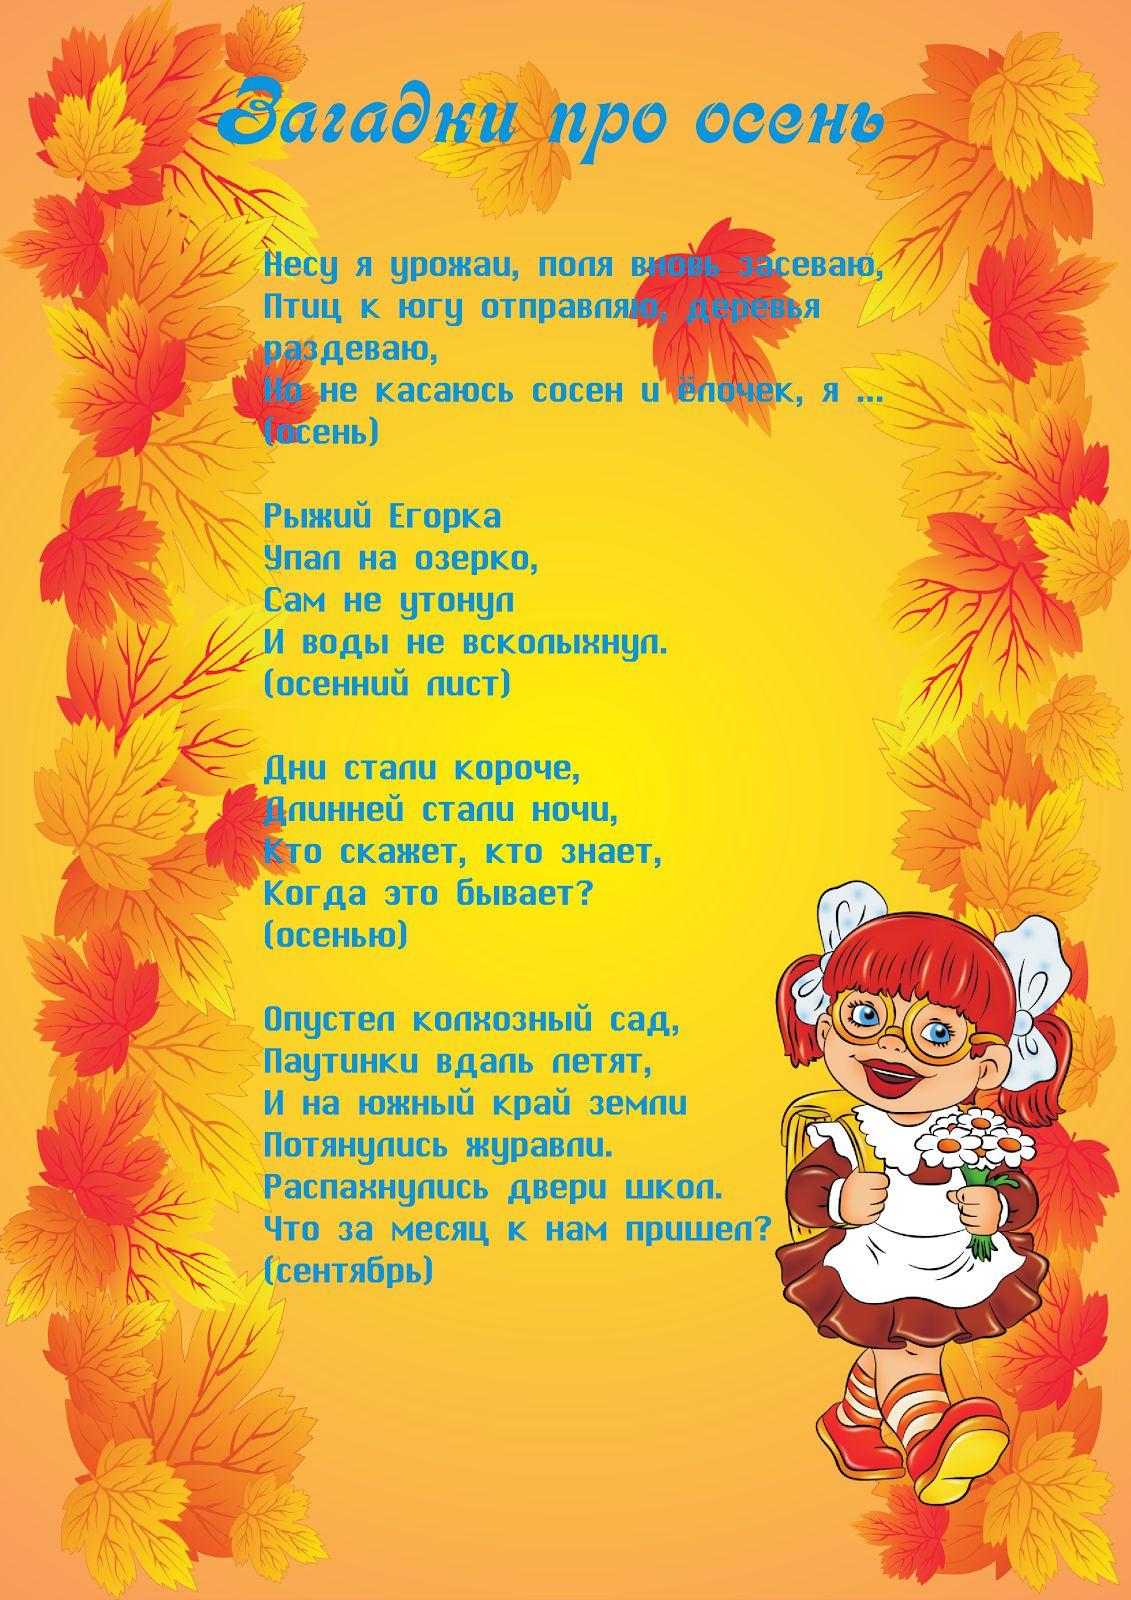 Детские стихотворения в картинках про осень